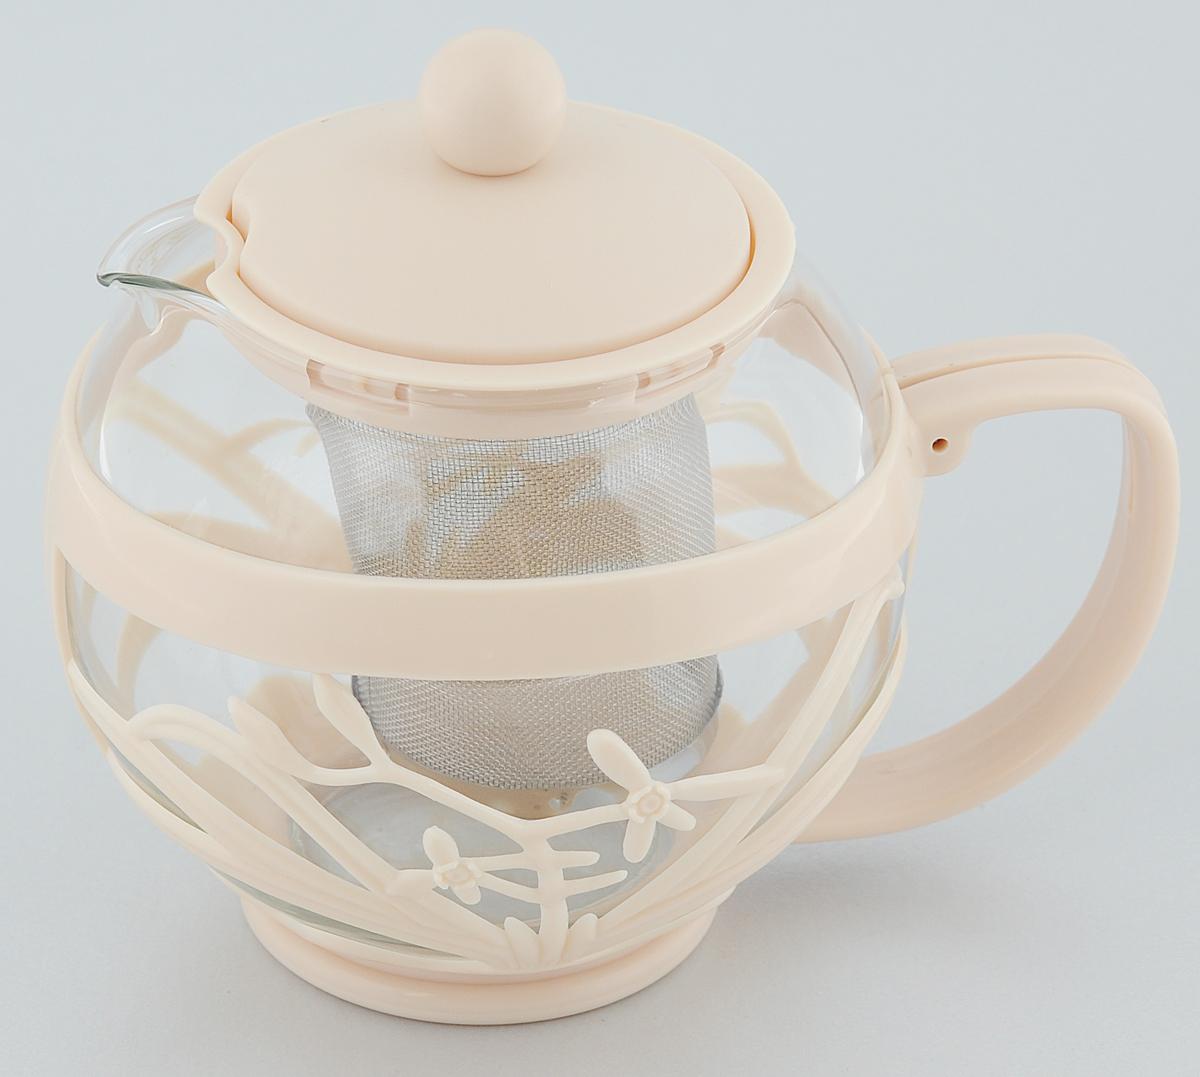 Чайник заварочный Menu Мелисса, с фильтром, цвет: прозрачный, бежевый, 750 млVT-1520(SR)Чайник Menu Мелисса изготовлен из прочного стекла и пластика. Он прекрасно подойдет для заваривания чая и травяных напитков. Классический стиль и оптимальный объем делают его удобным и оригинальным аксессуаром. Изделие имеет удлиненный металлический фильтр, который обеспечивает высокое качество фильтрации напитка и позволяет заварить чай даже при небольшом уровне воды. Ручка чайника не нагревается и обеспечивает безопасность использования. Нельзя мыть в посудомоечной машине. Диаметр чайника (по верхнему краю): 8 см.Высота чайника (без учета крышки): 11 см.Размер фильтра: 6 х 6 х 7,2 см.